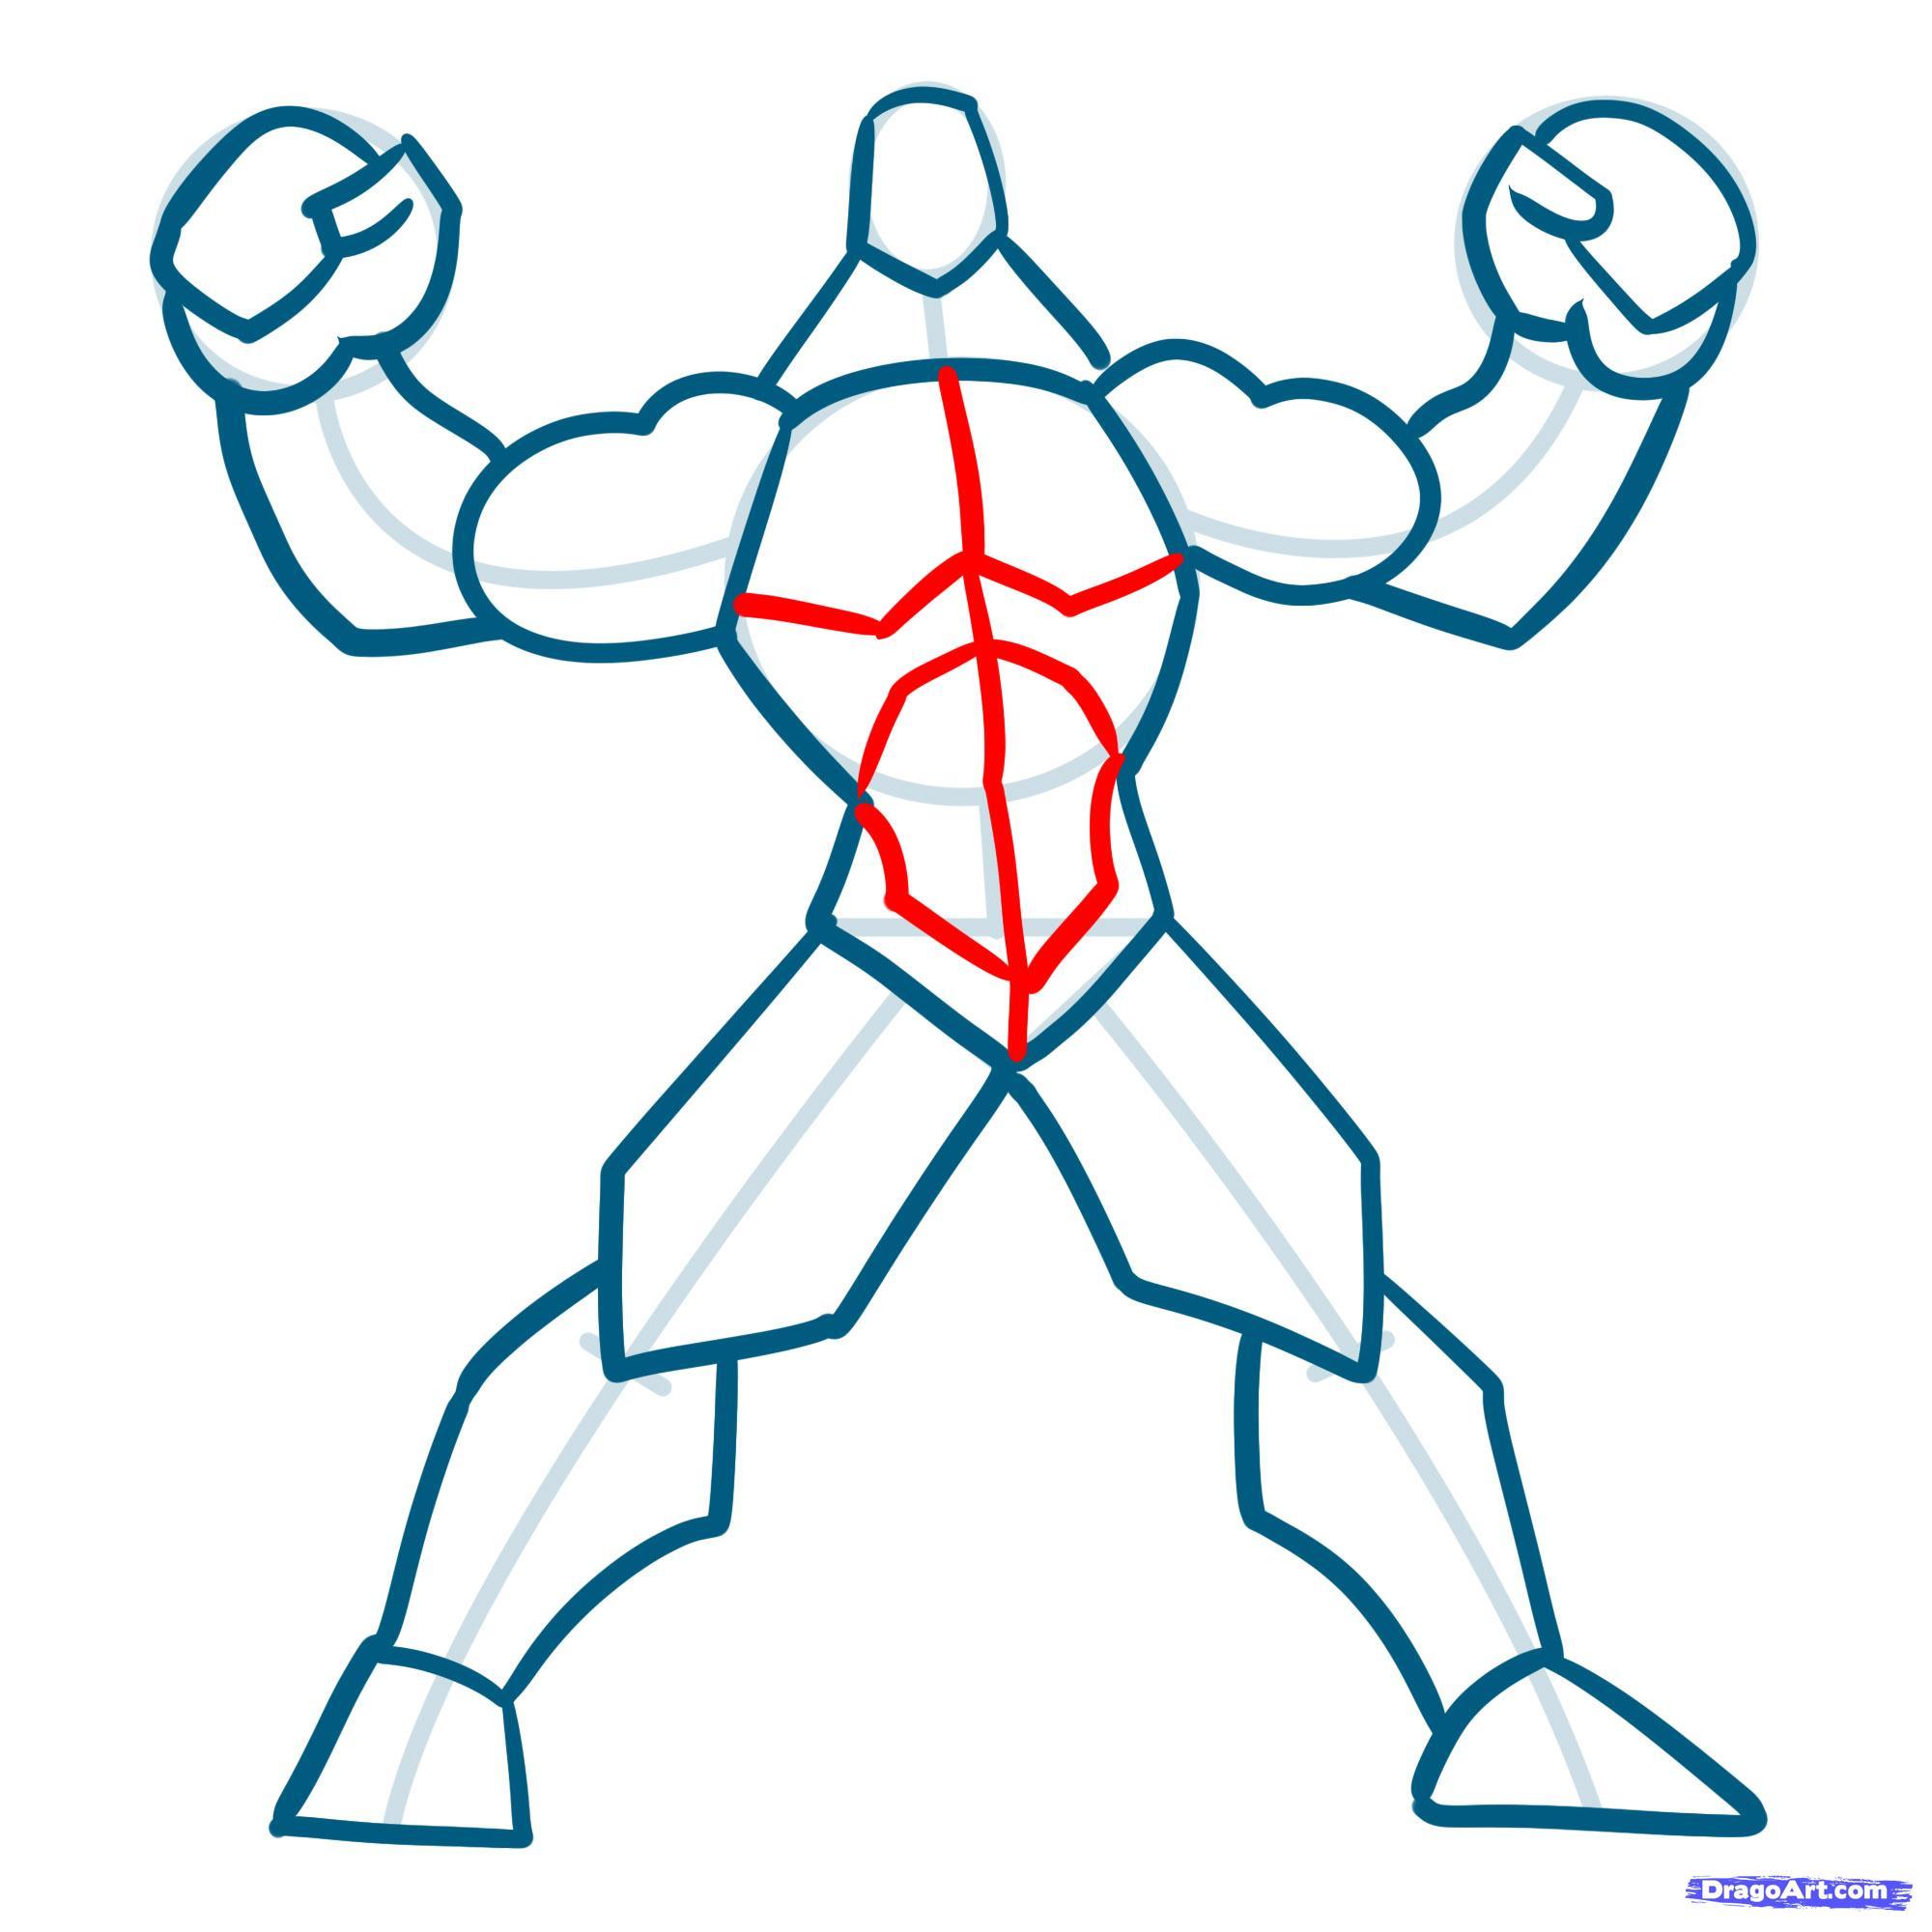 Definición muscular, no todo es saludable 1